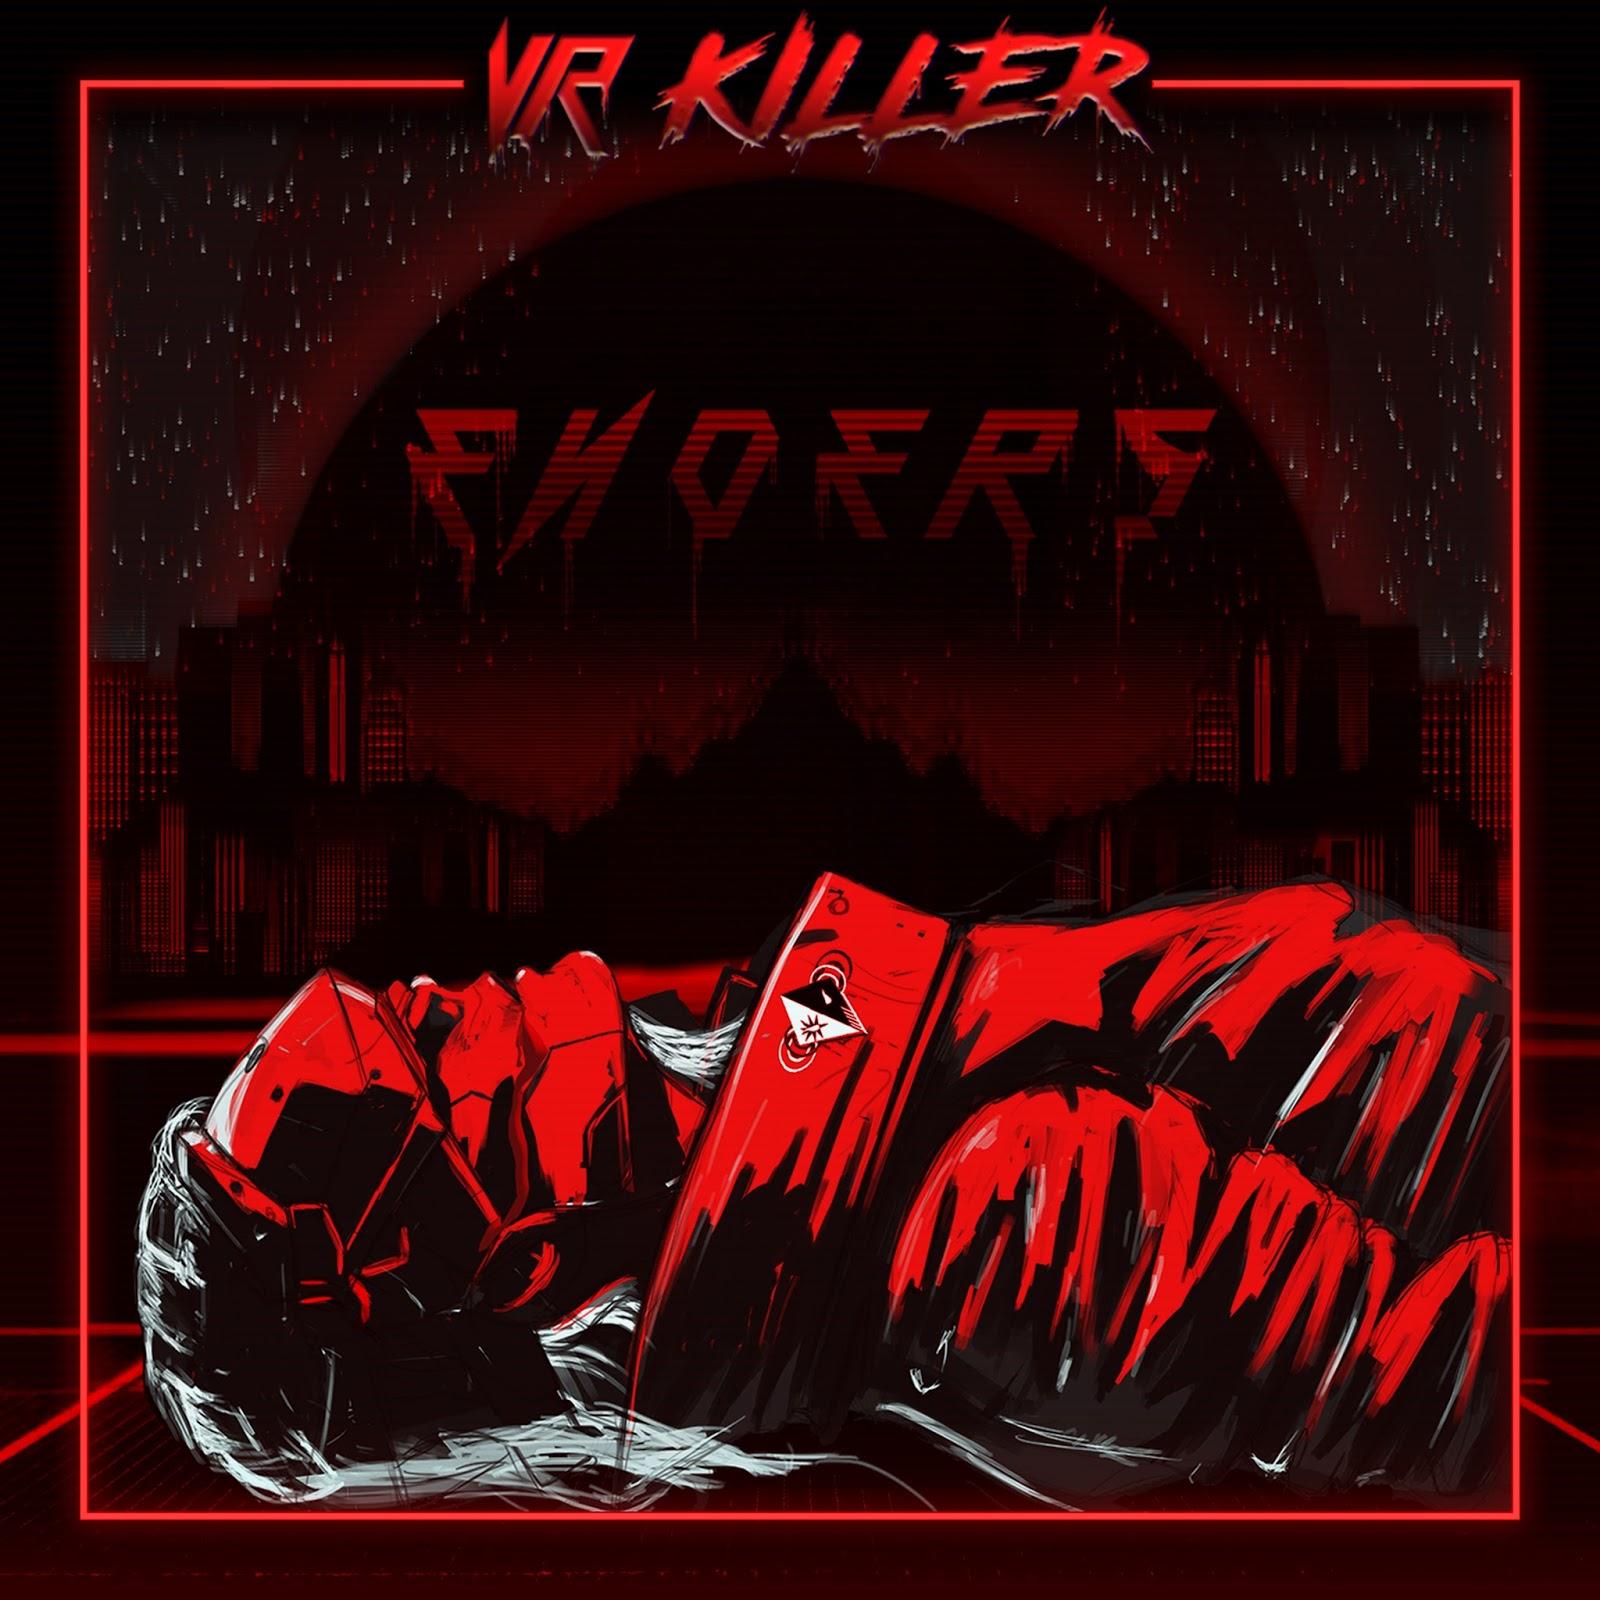 Get ENDERS VR Killer on Bandcamp